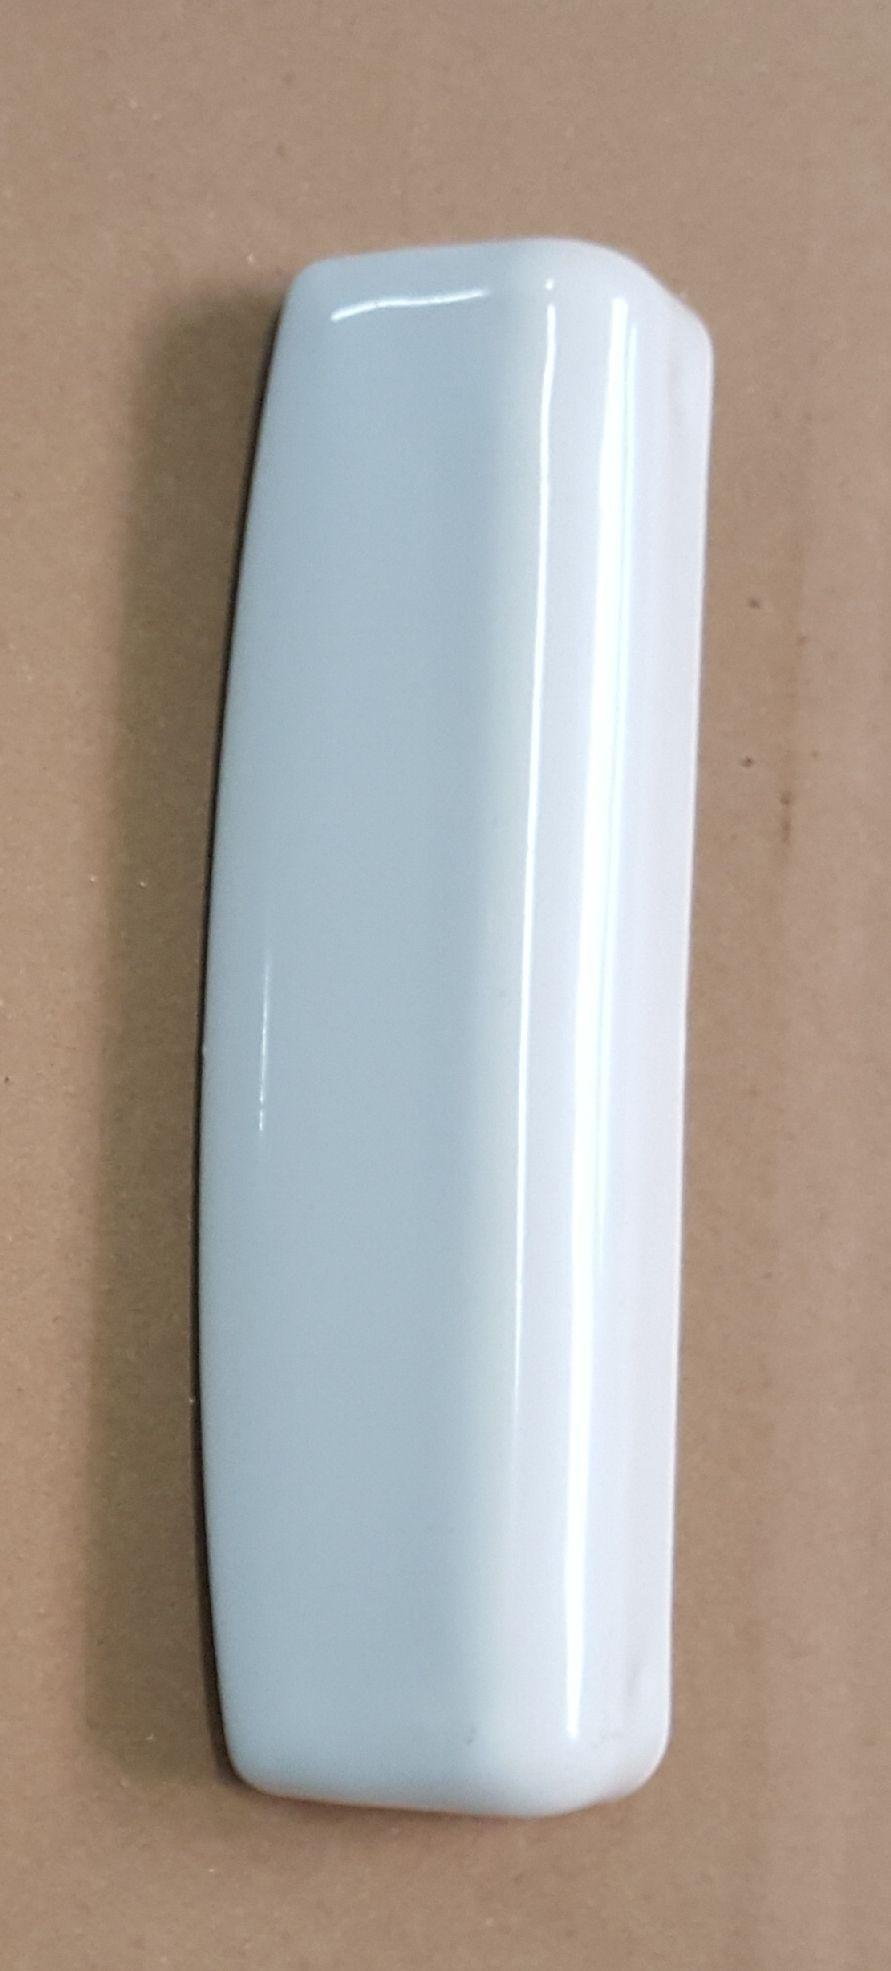 PUXADOR EXPOSITOR METALFRIO VB40 - Várias cores